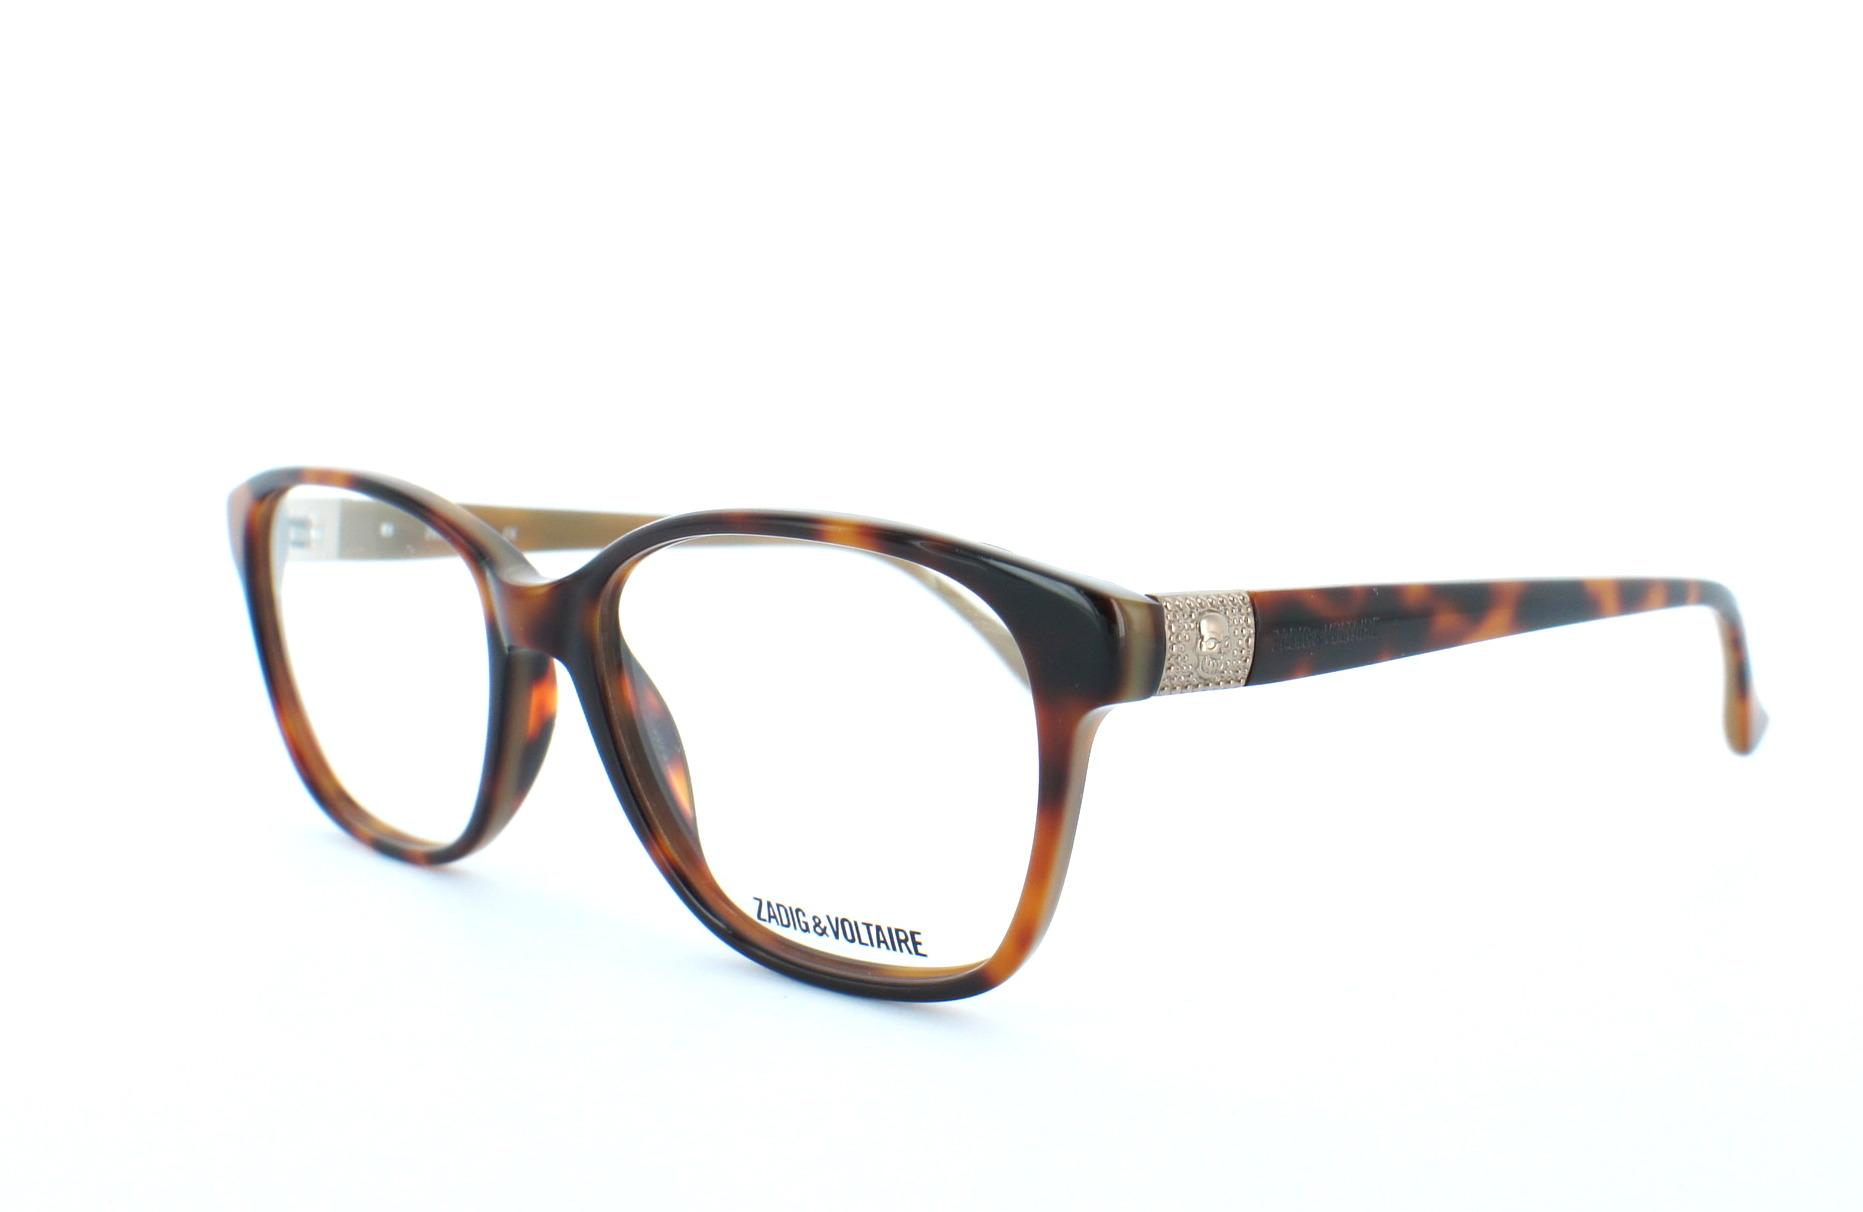 zadig lunettes de vue pour enfant et voltaire zv 2036 2. Black Bedroom Furniture Sets. Home Design Ideas